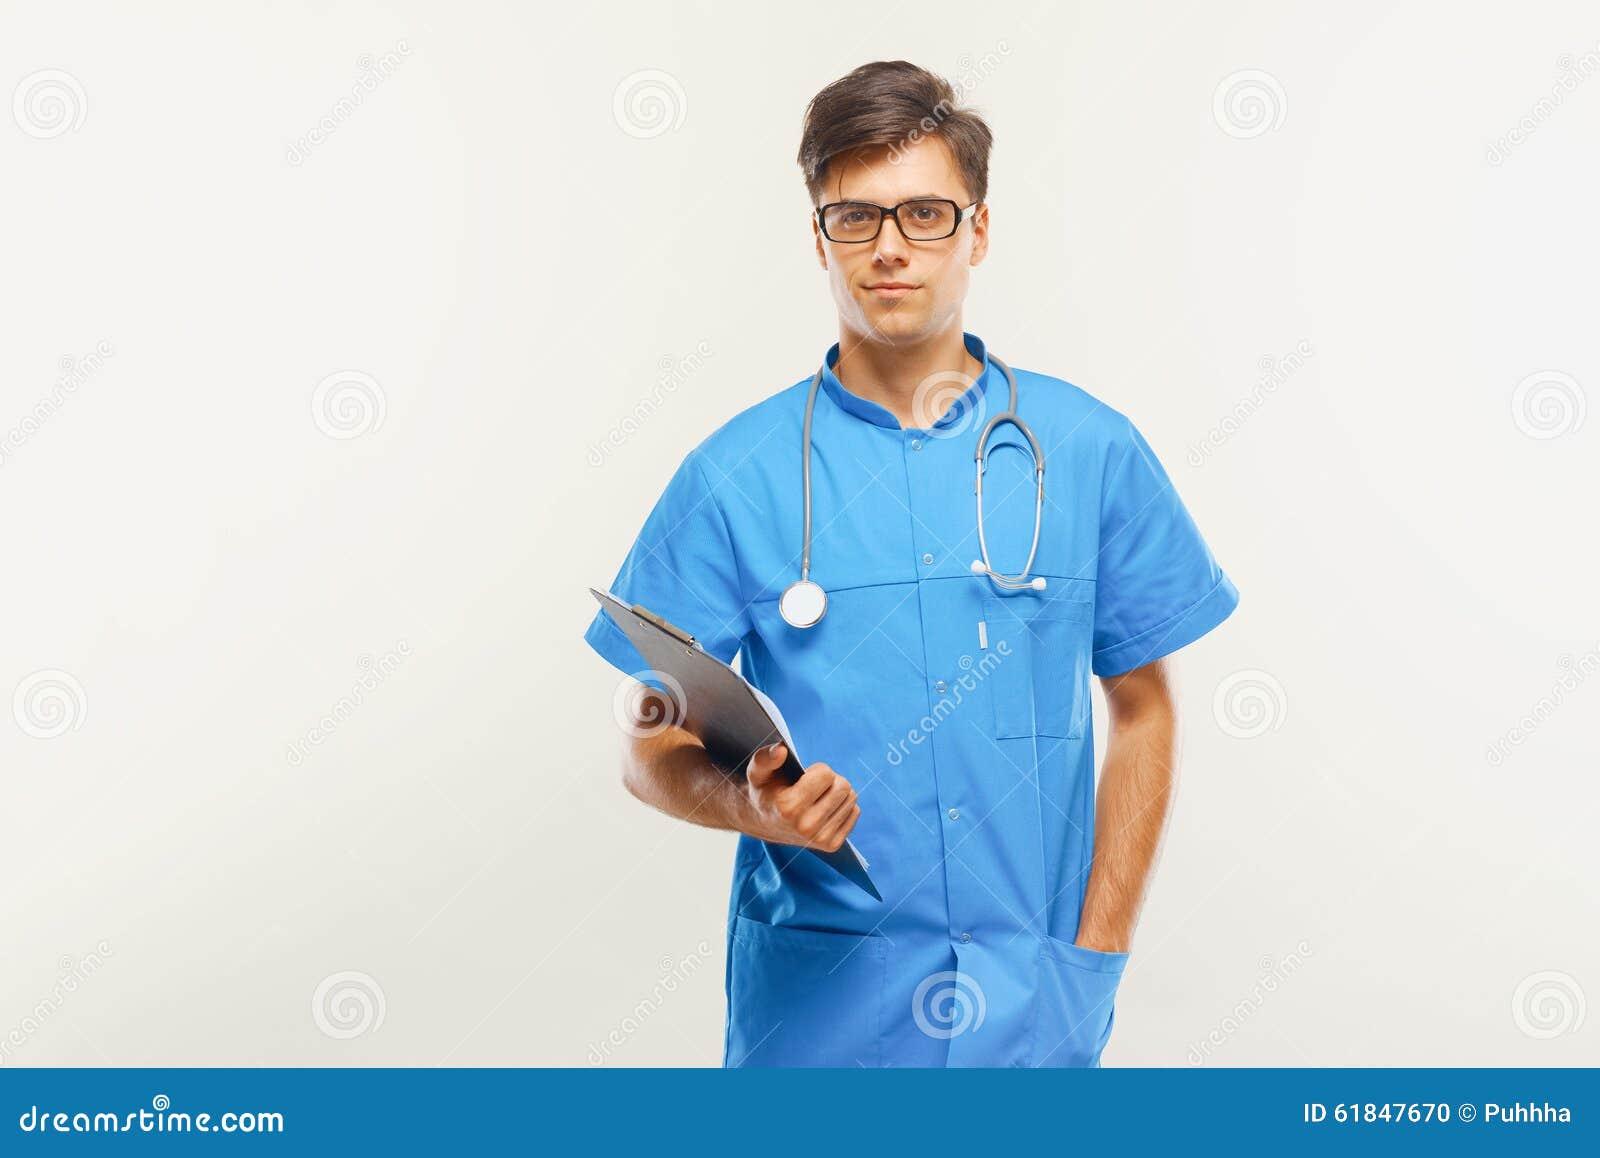 Γιατρός με το στηθοσκόπιο γύρω από το λαιμό του στο γκρίζο κλίμα